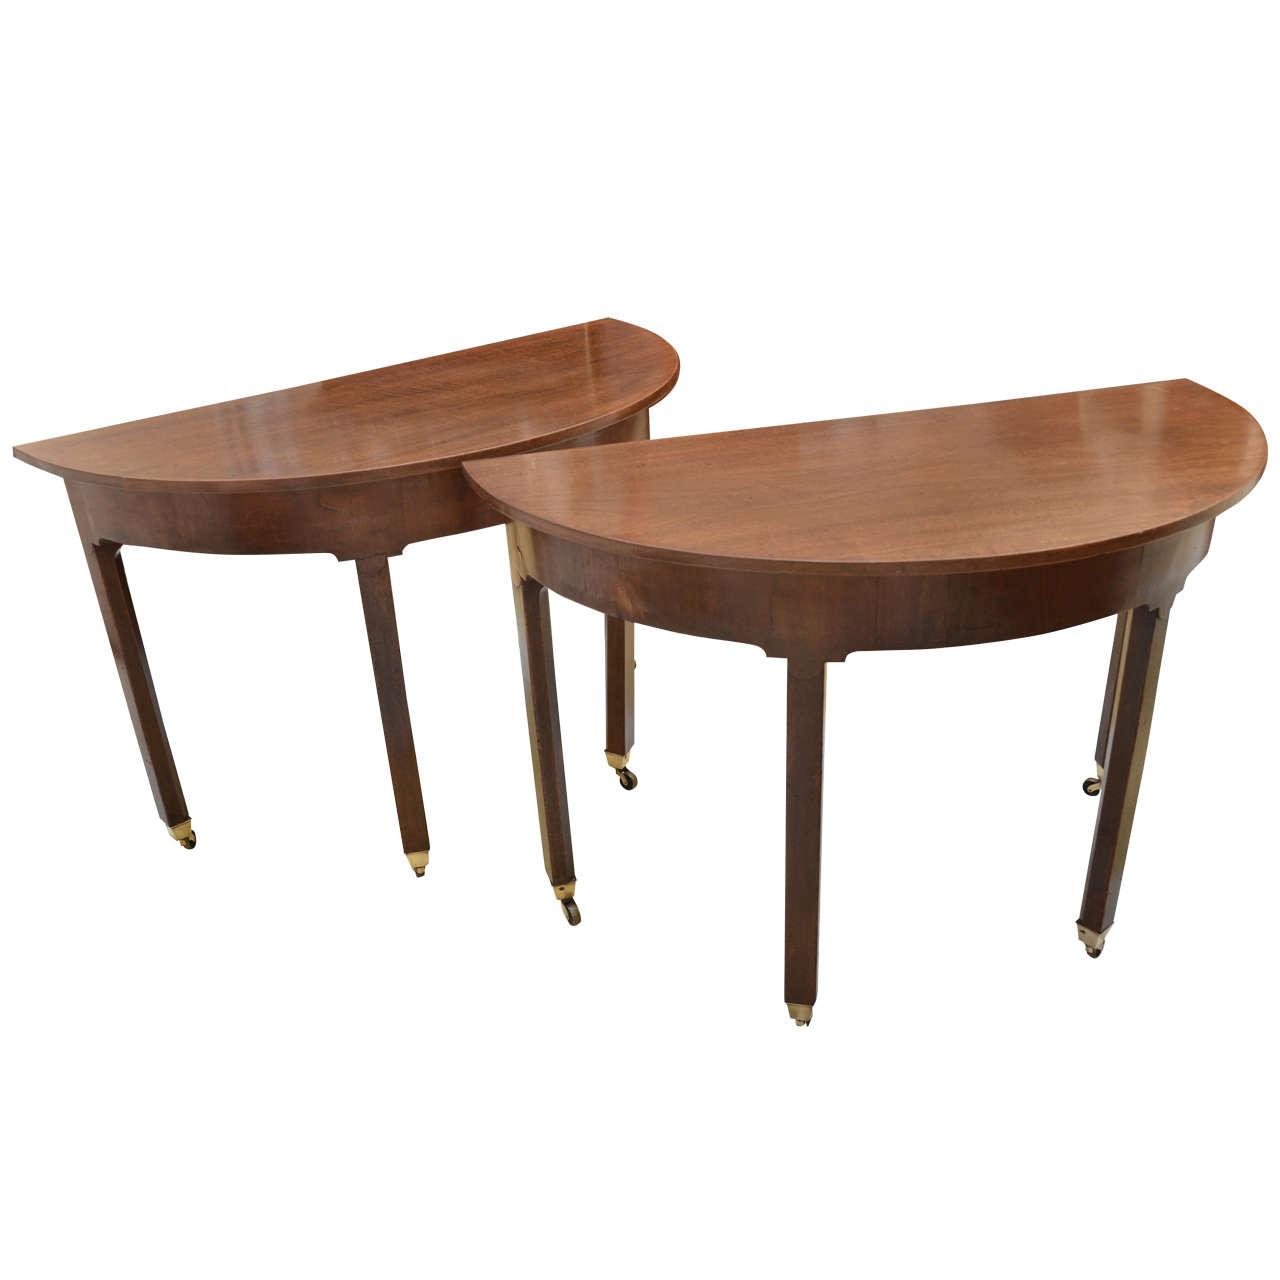 pr of georgian demi lune tables on brass castors at 1stdibs. Black Bedroom Furniture Sets. Home Design Ideas